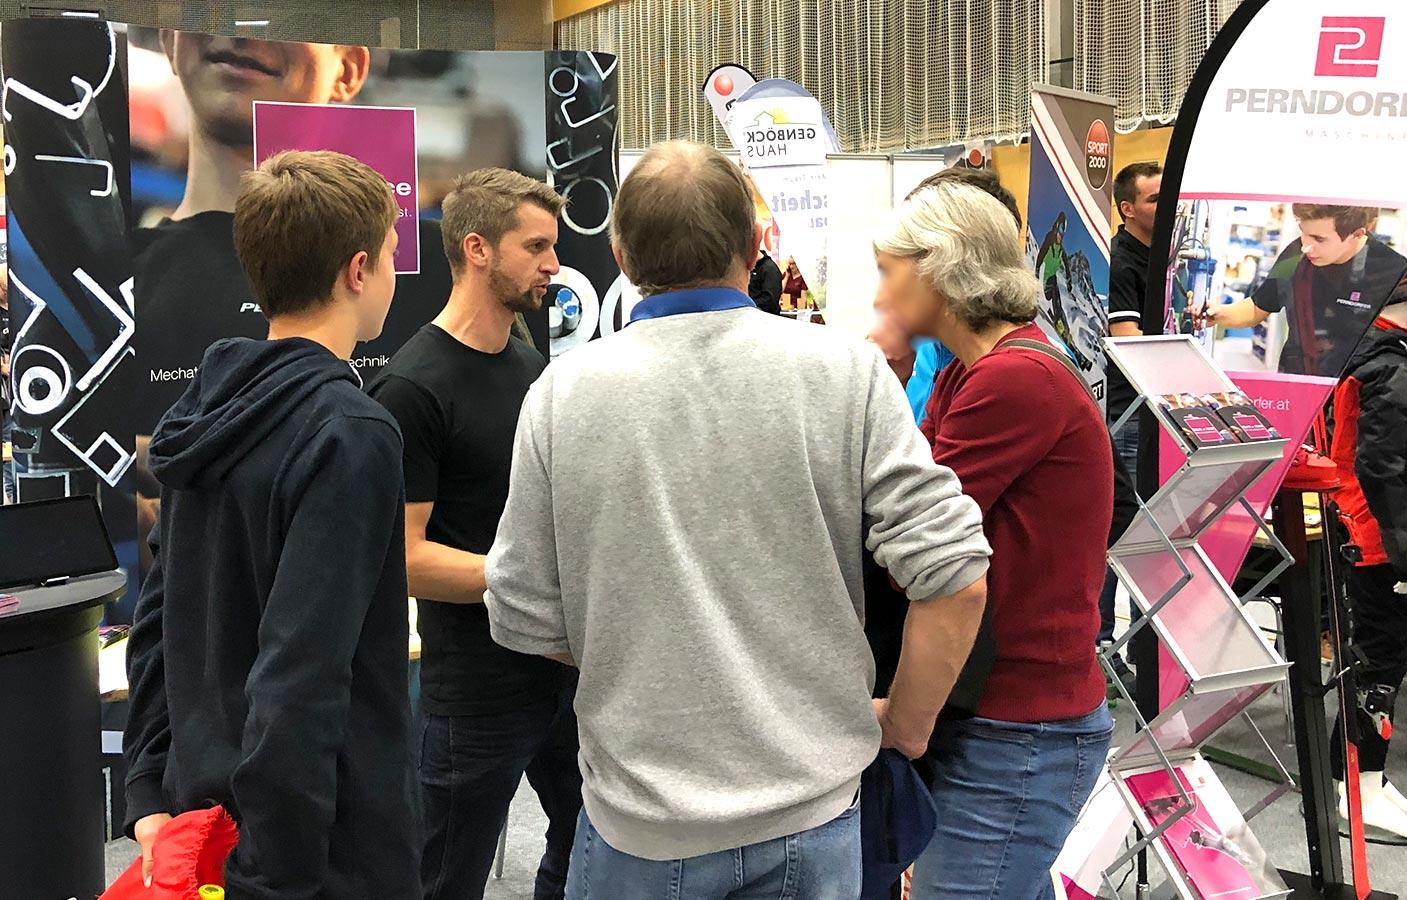 Perndorfer bei Lehrlingsmesse in Gespräch mit Jugendlichen